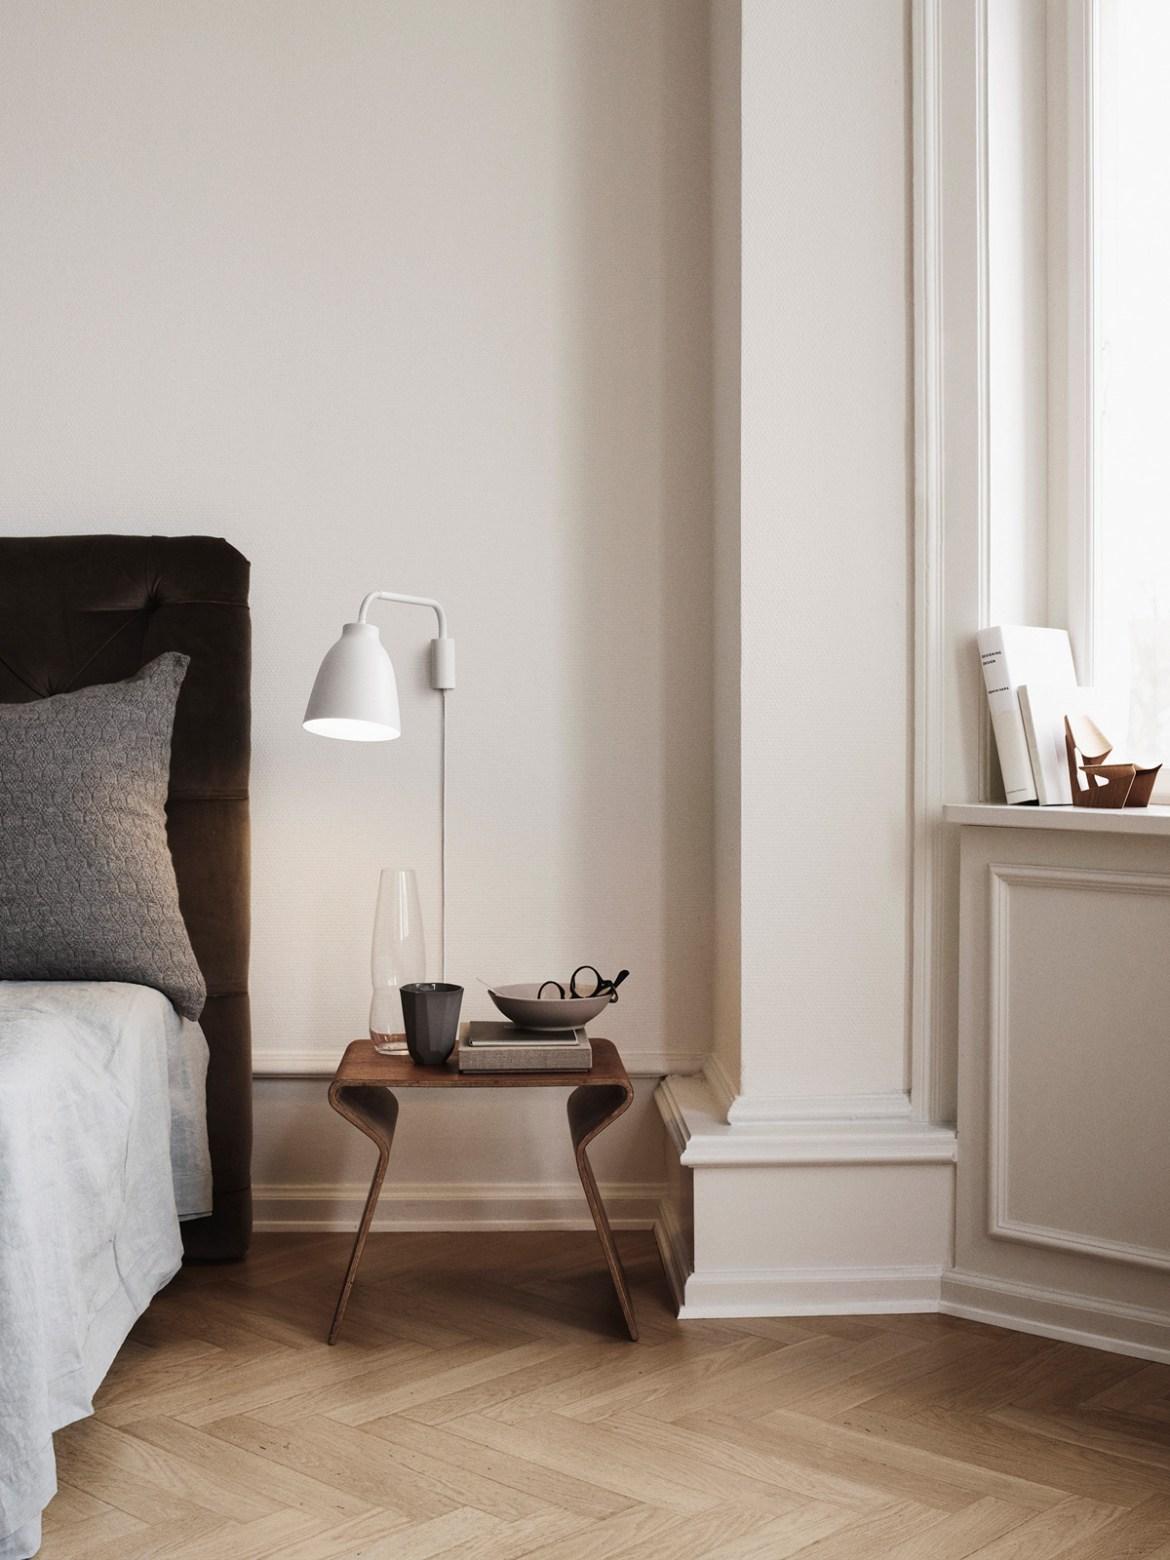 Lampen fürs Schlafzimmer: Wandleuchten Teil 3 - Lampen Leuchten ...